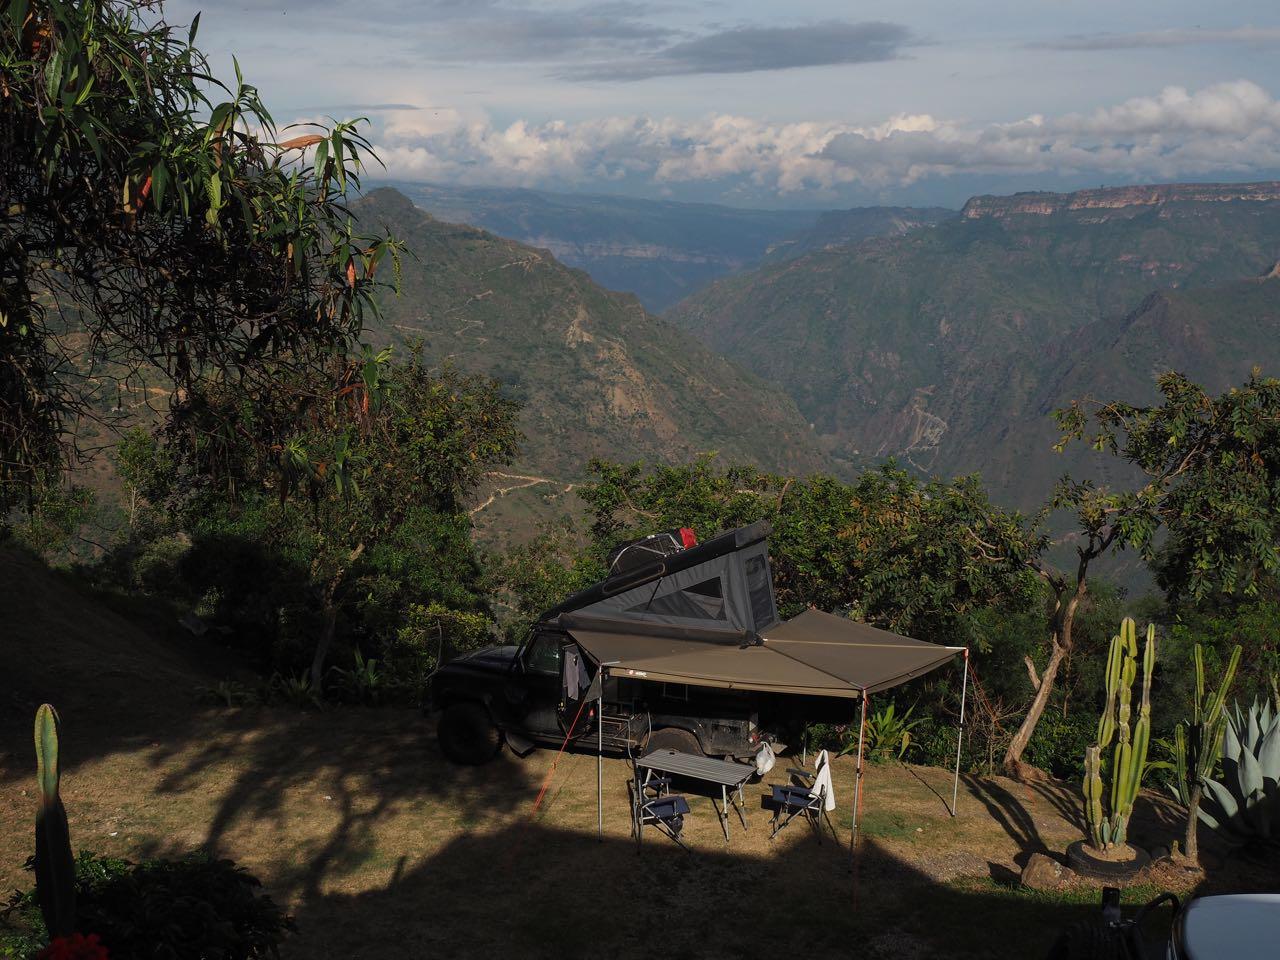 Eine schöne Aussicht über die Bergen.